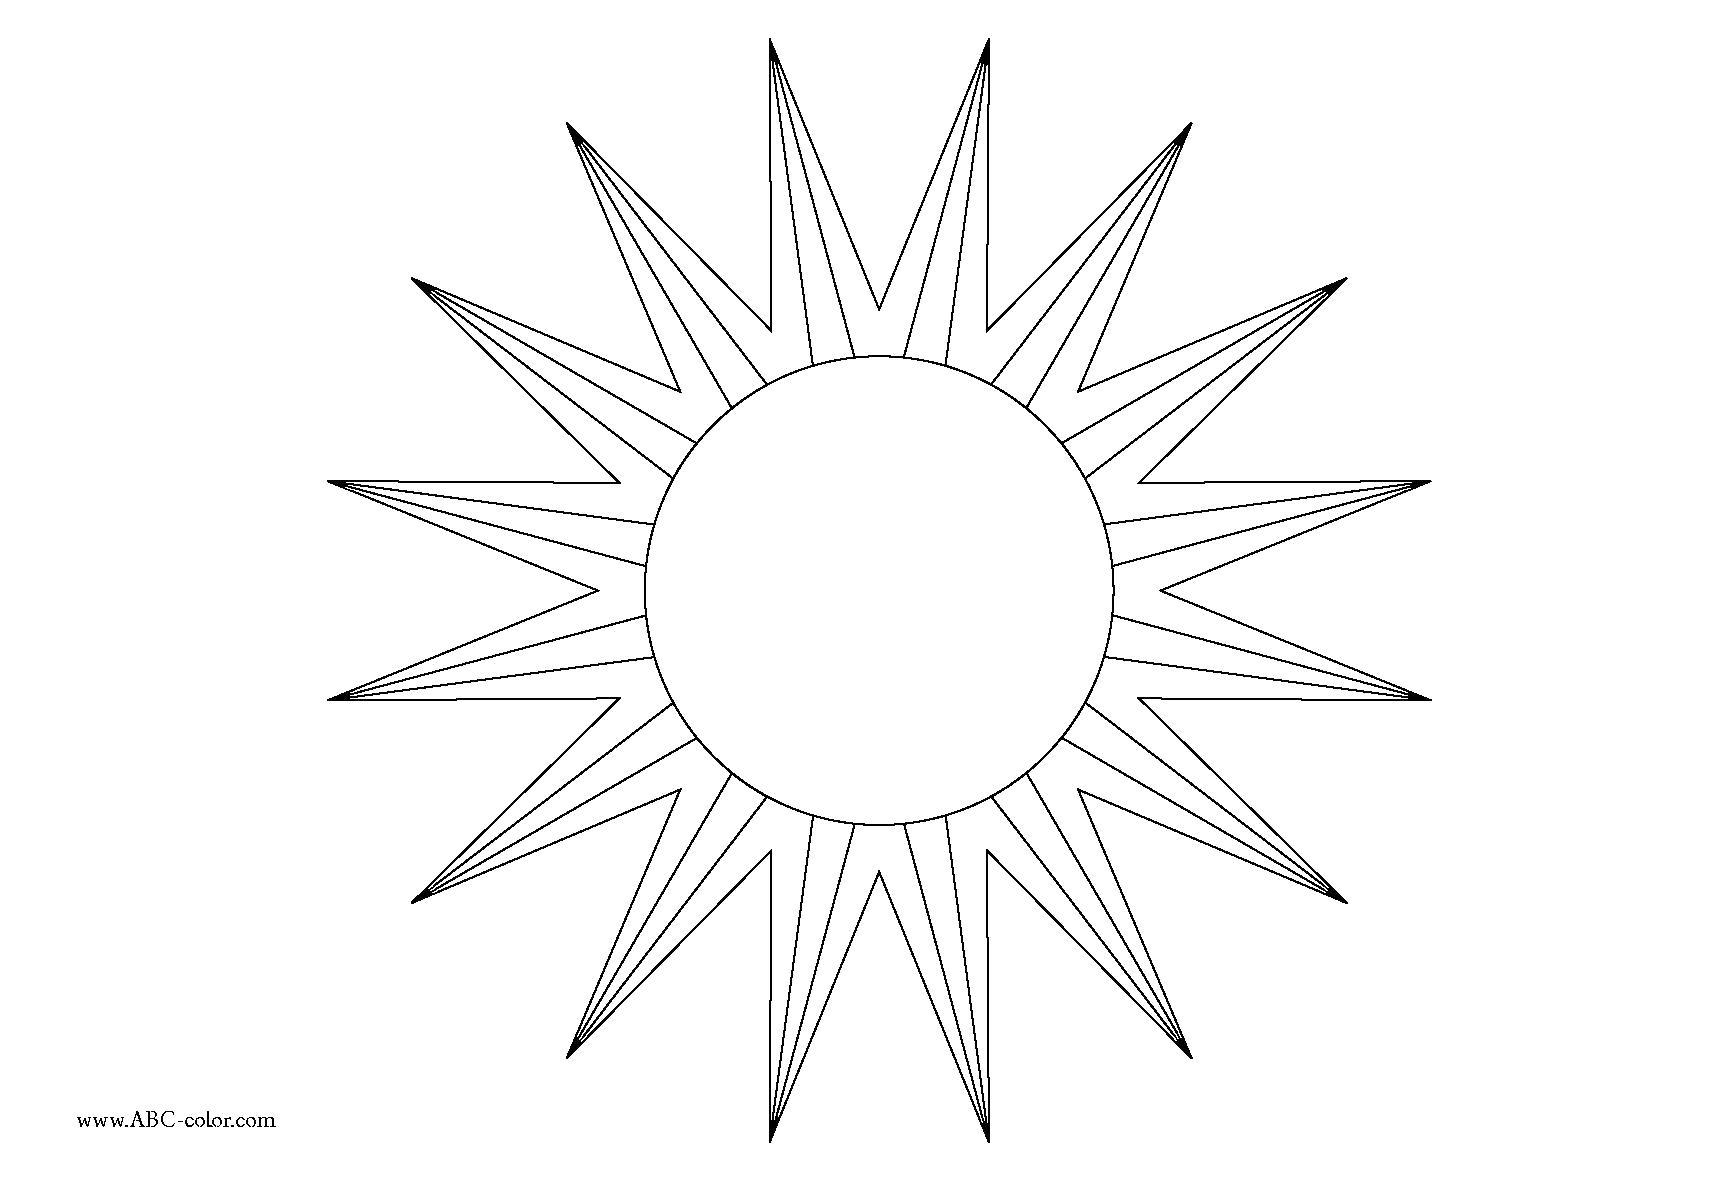 Раскраска солнышко . Скачать круг, треугольник, звезда.  Распечатать геометрические фигуры